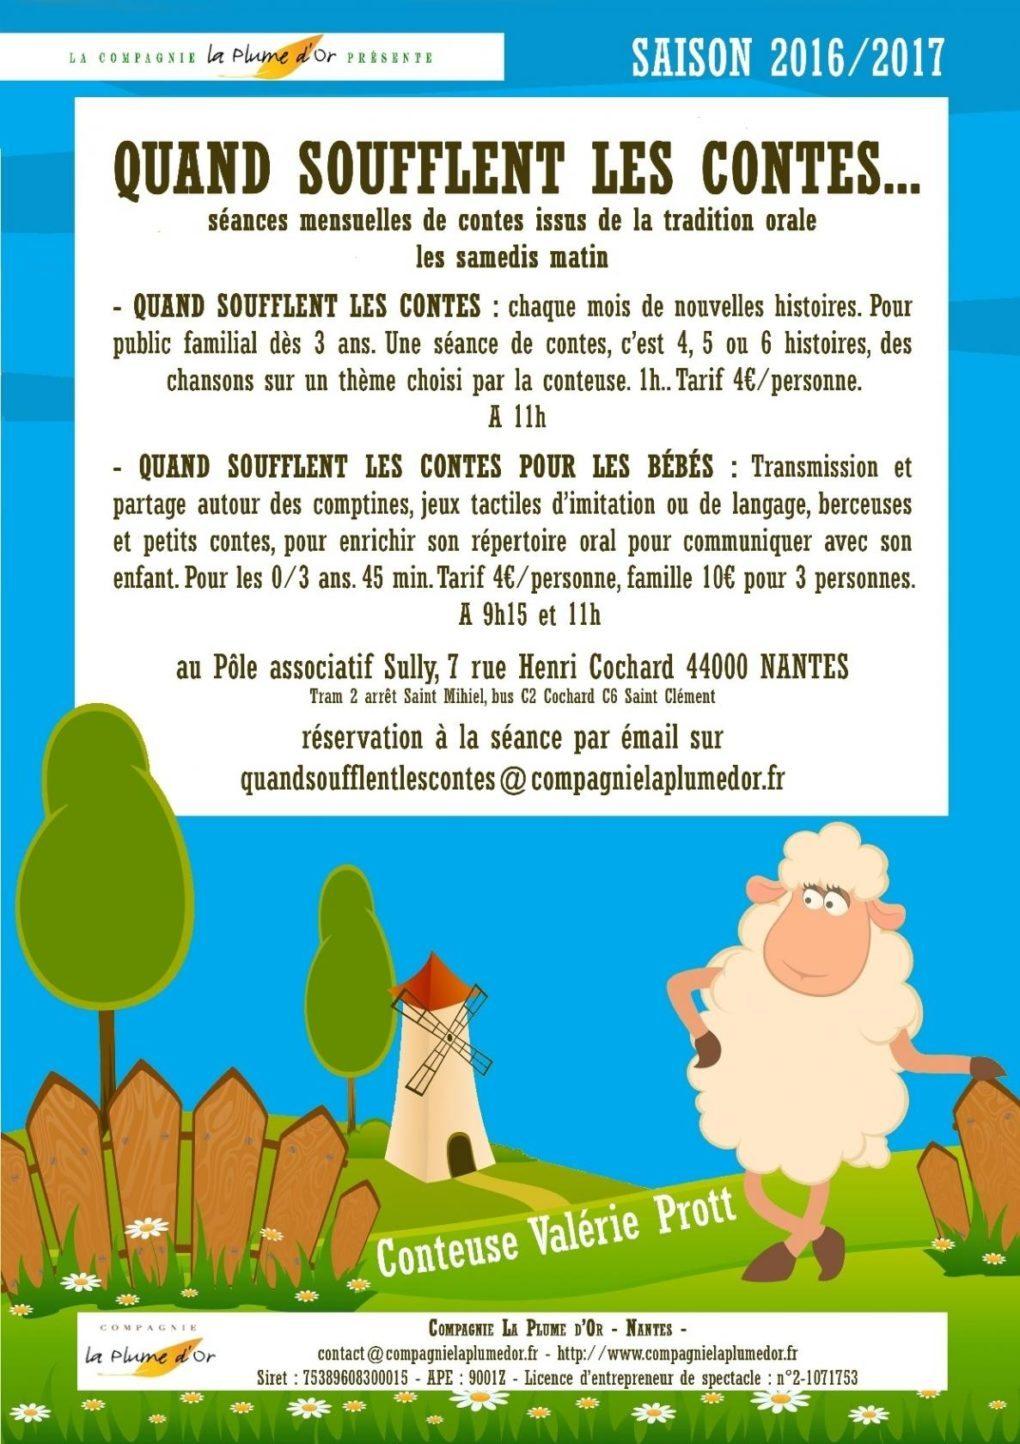 Quand soufflent les contes : Ogres et poucets Nantes